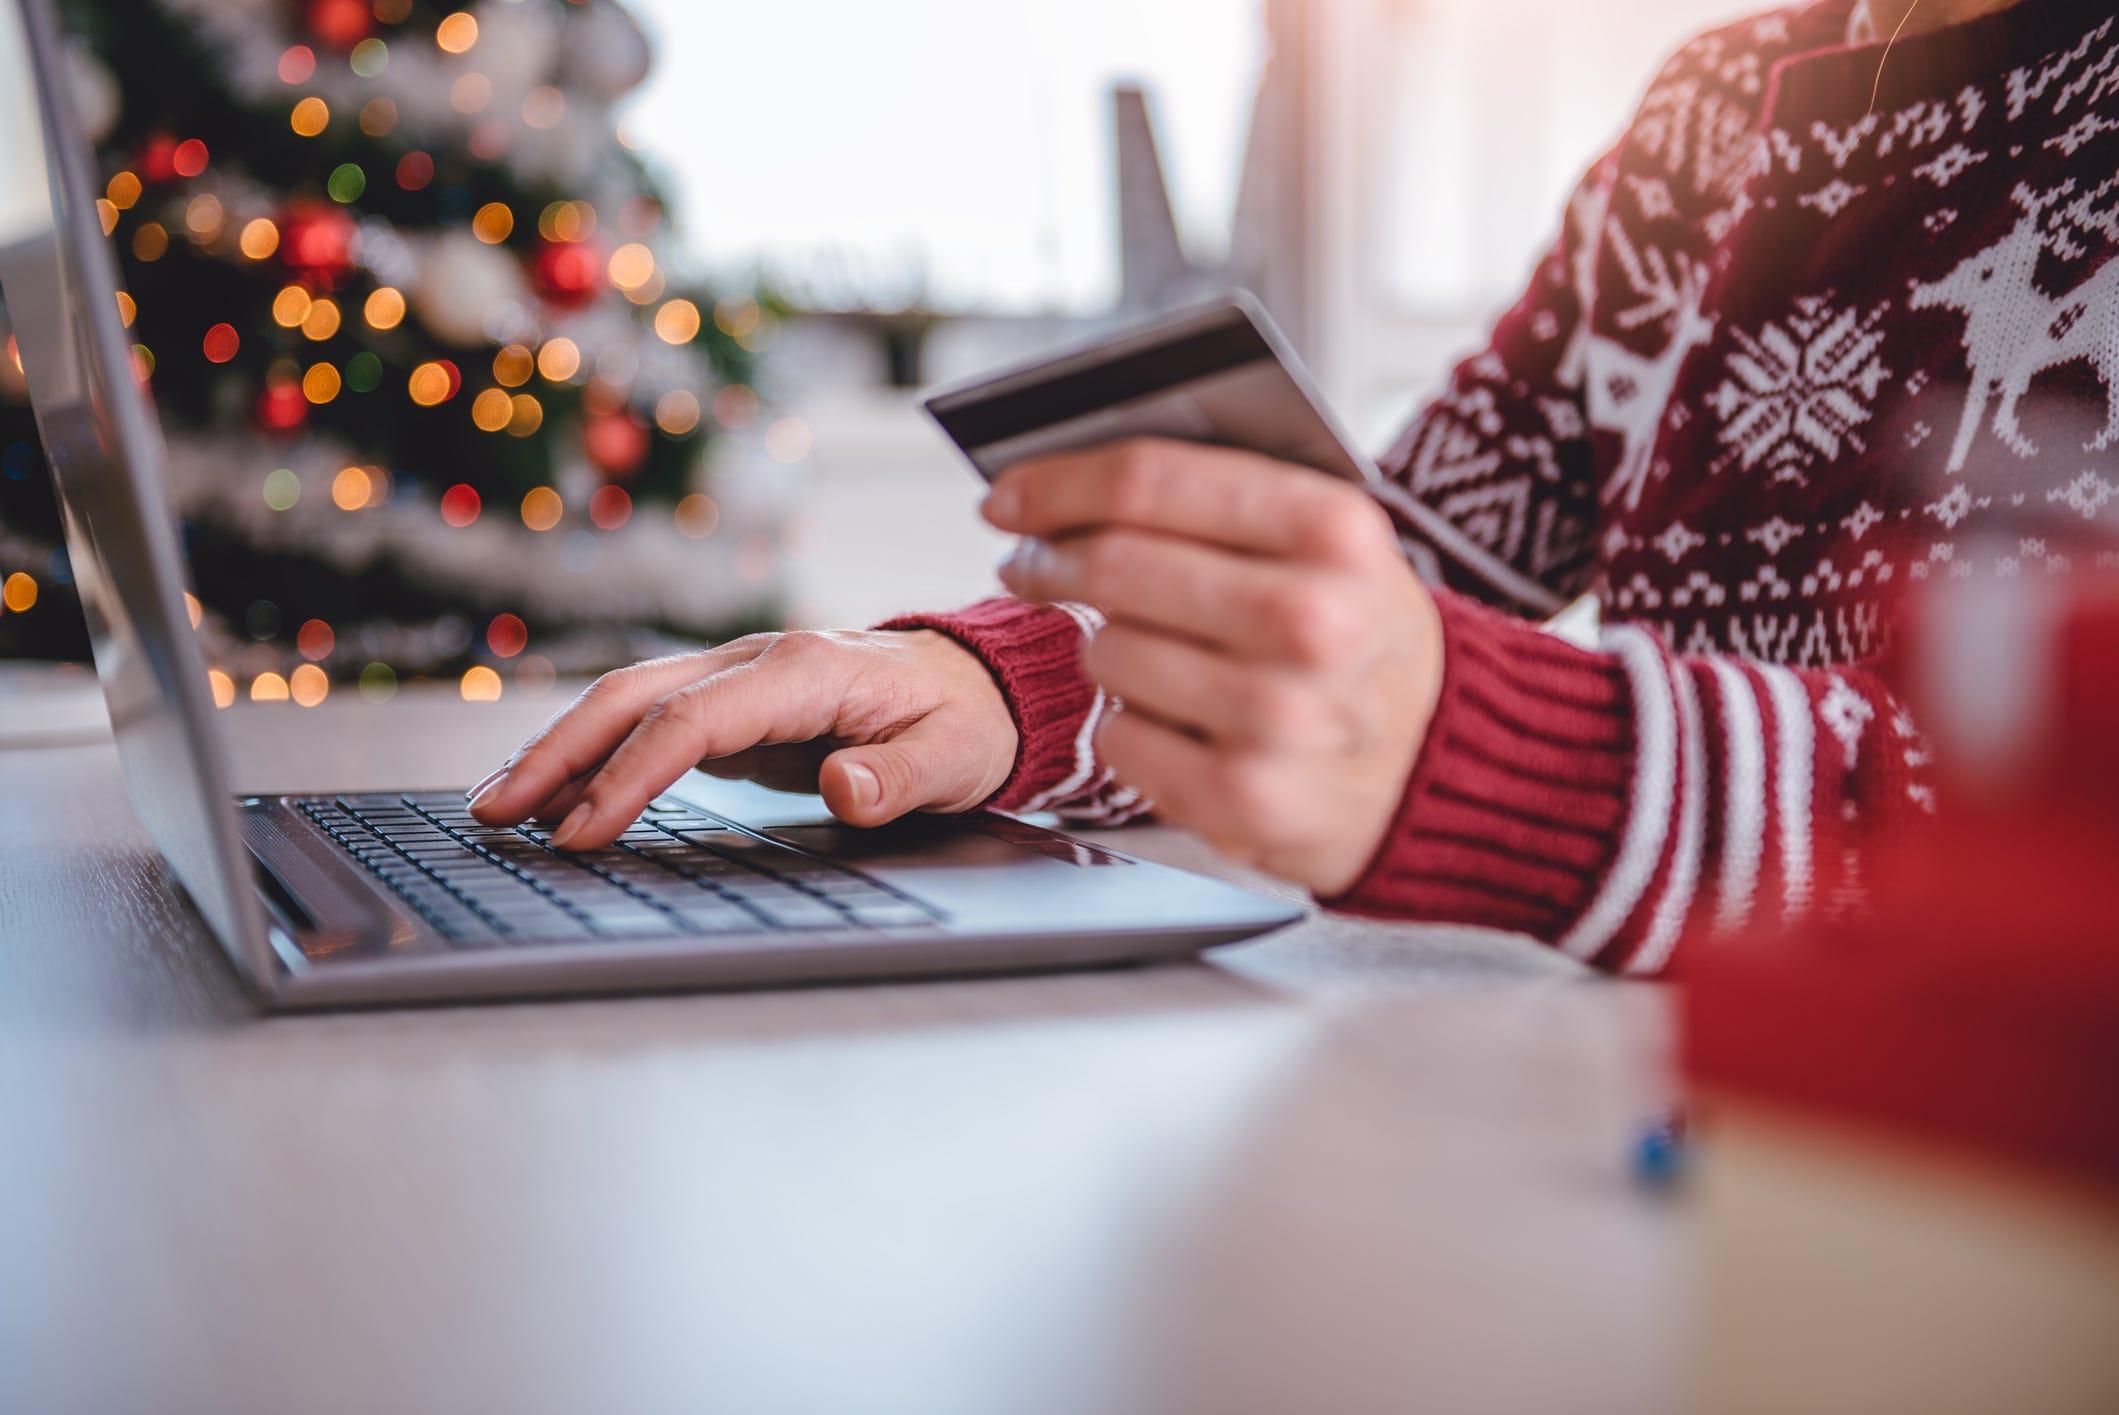 'Tis the season to follow these wise shopping tips, anti-fraud precautions